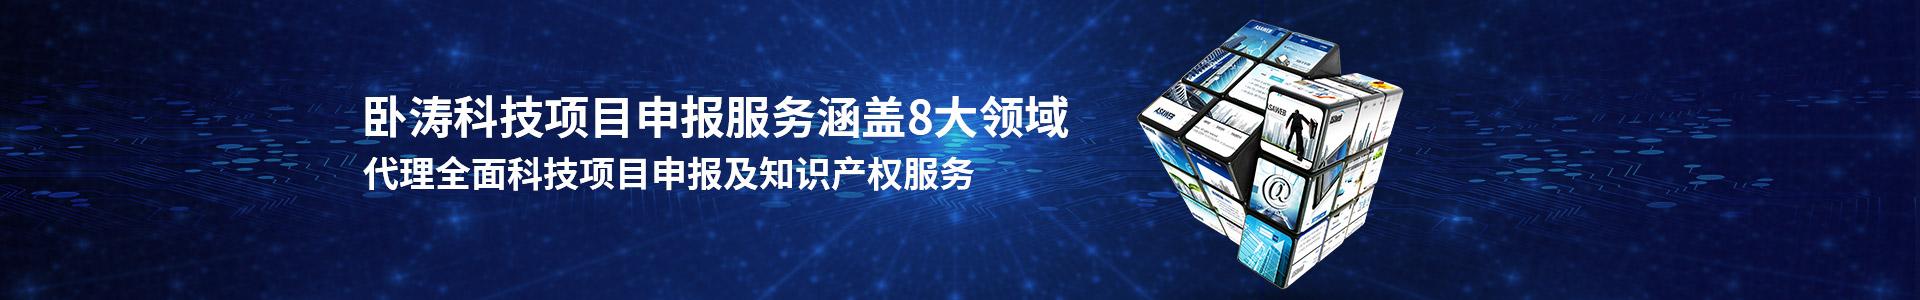 卧涛科技项目申报服务涵盖8大领域